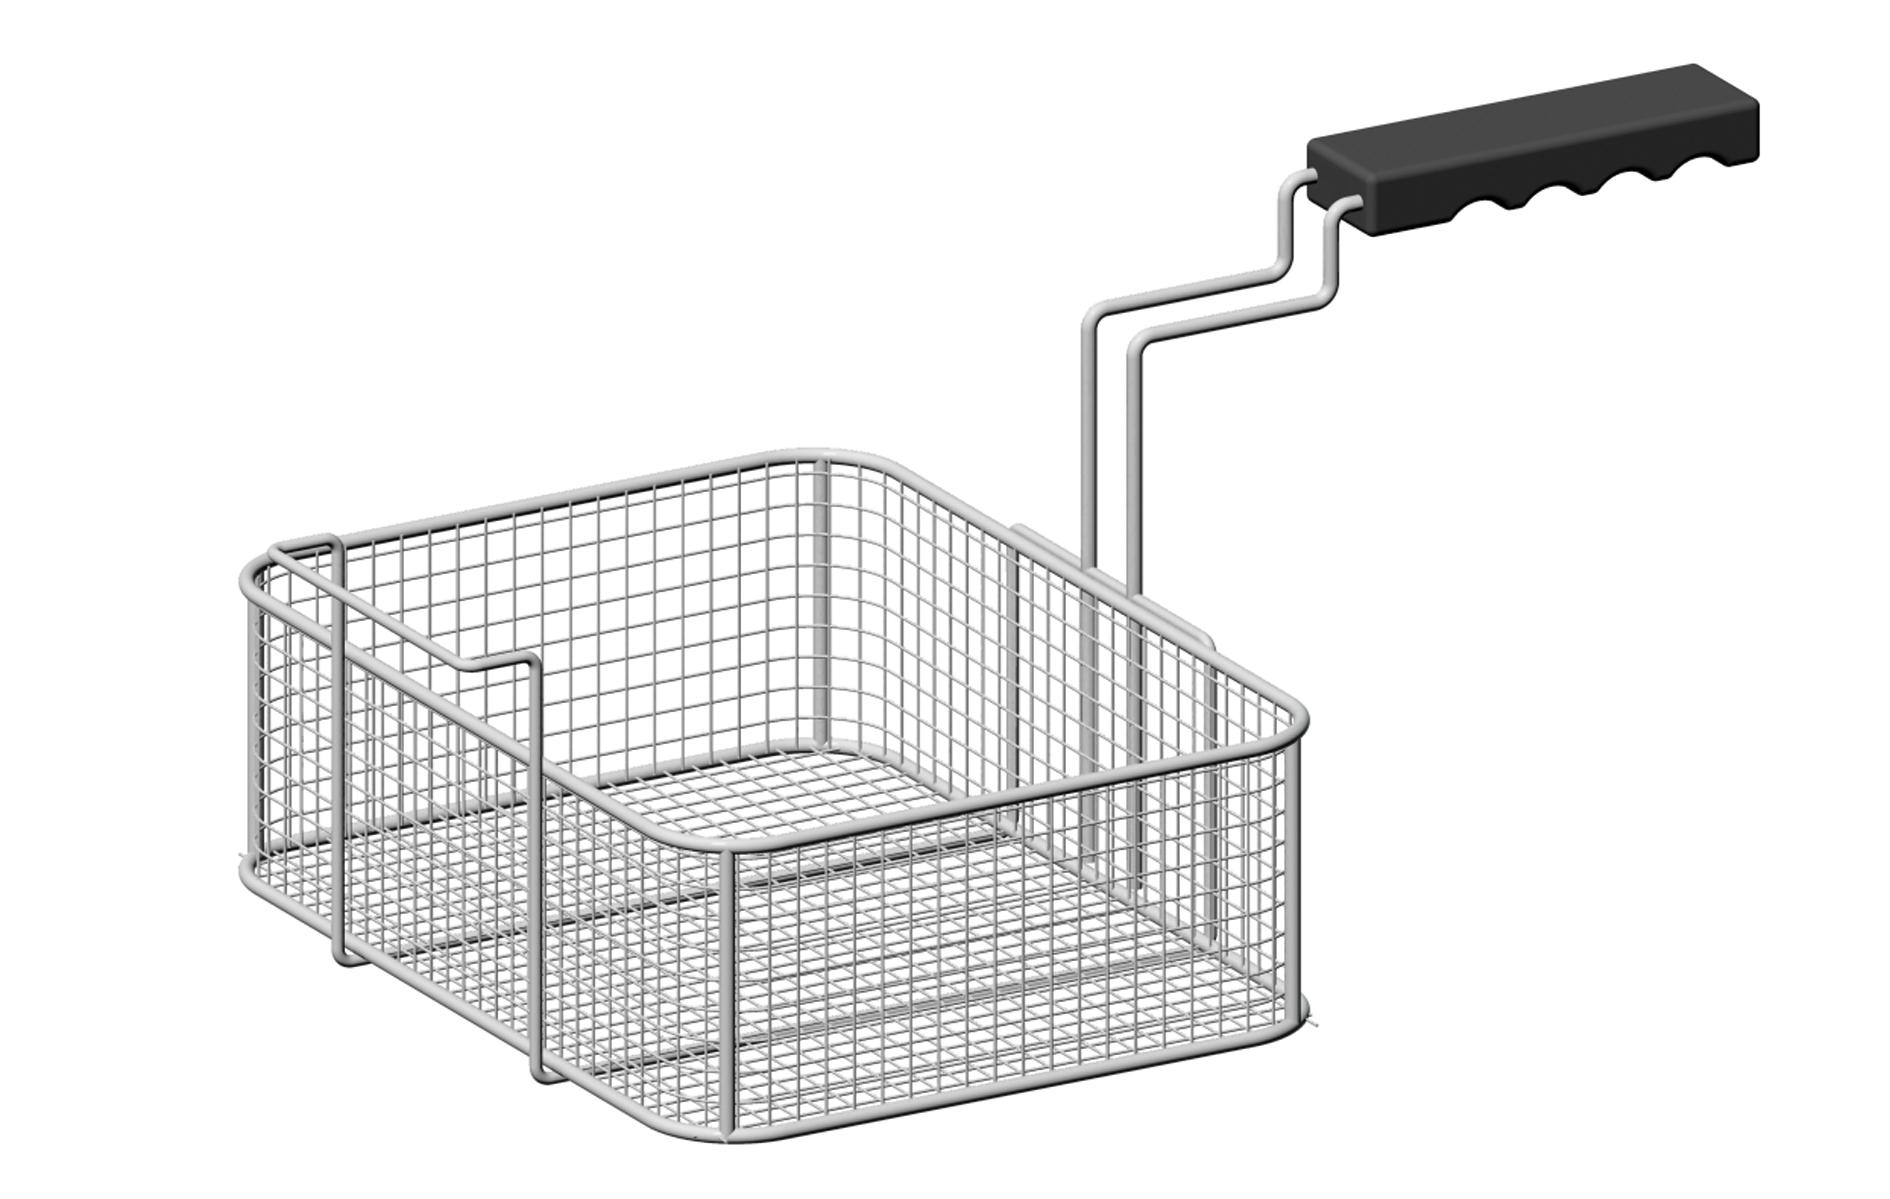 Eurast 4A231100 Fryer basket 10 lts. for fryer series 2 group 450 bar - 220x280x100 mm